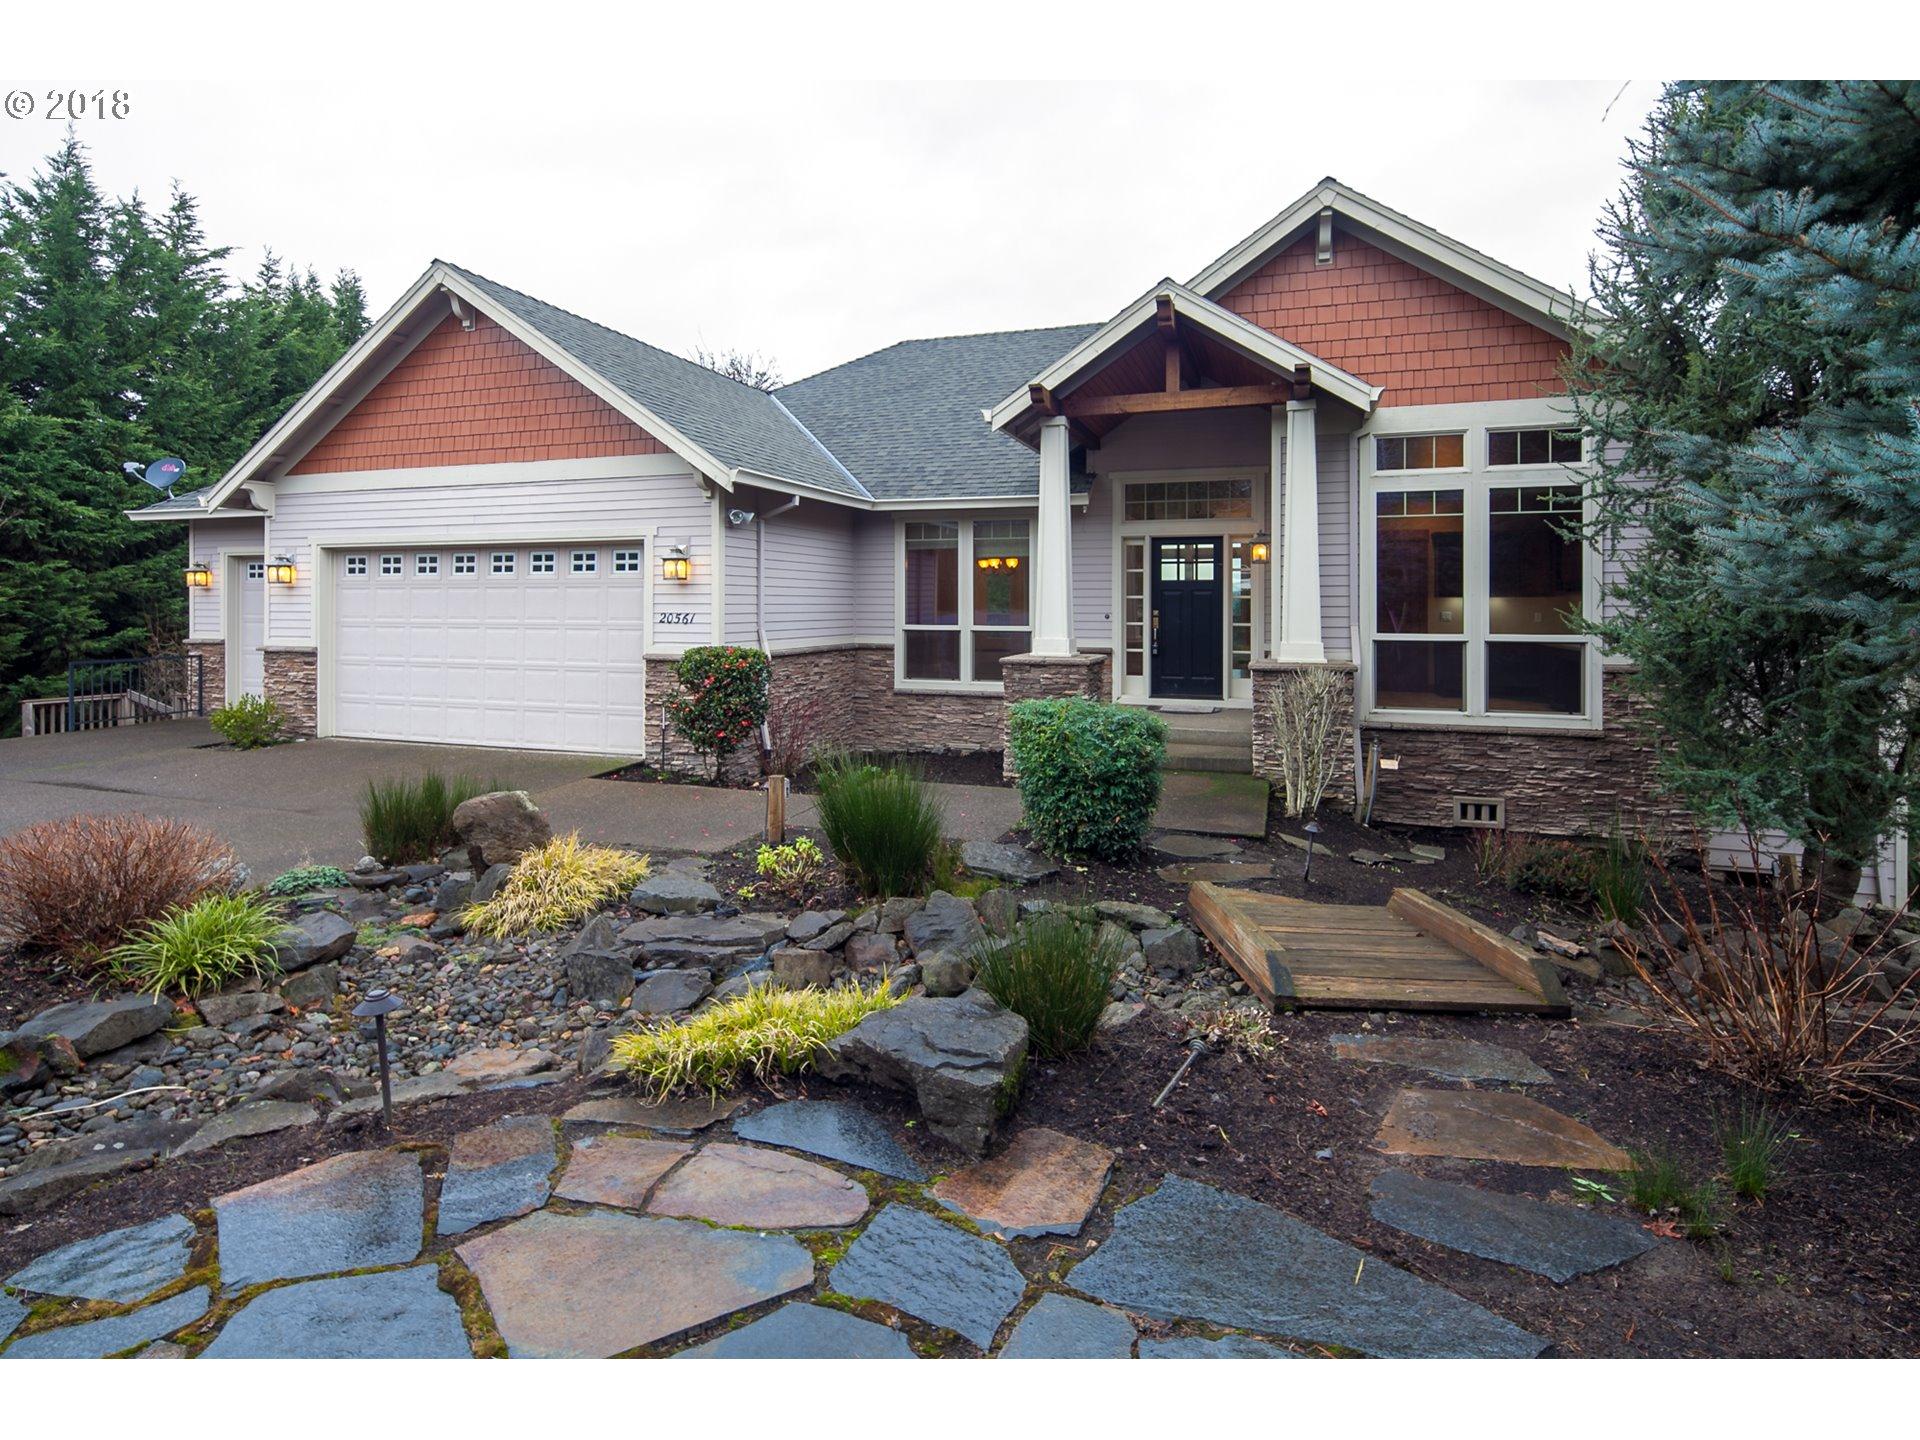 20561 S ADAMS VISTA CT, Oregon City OR 97045